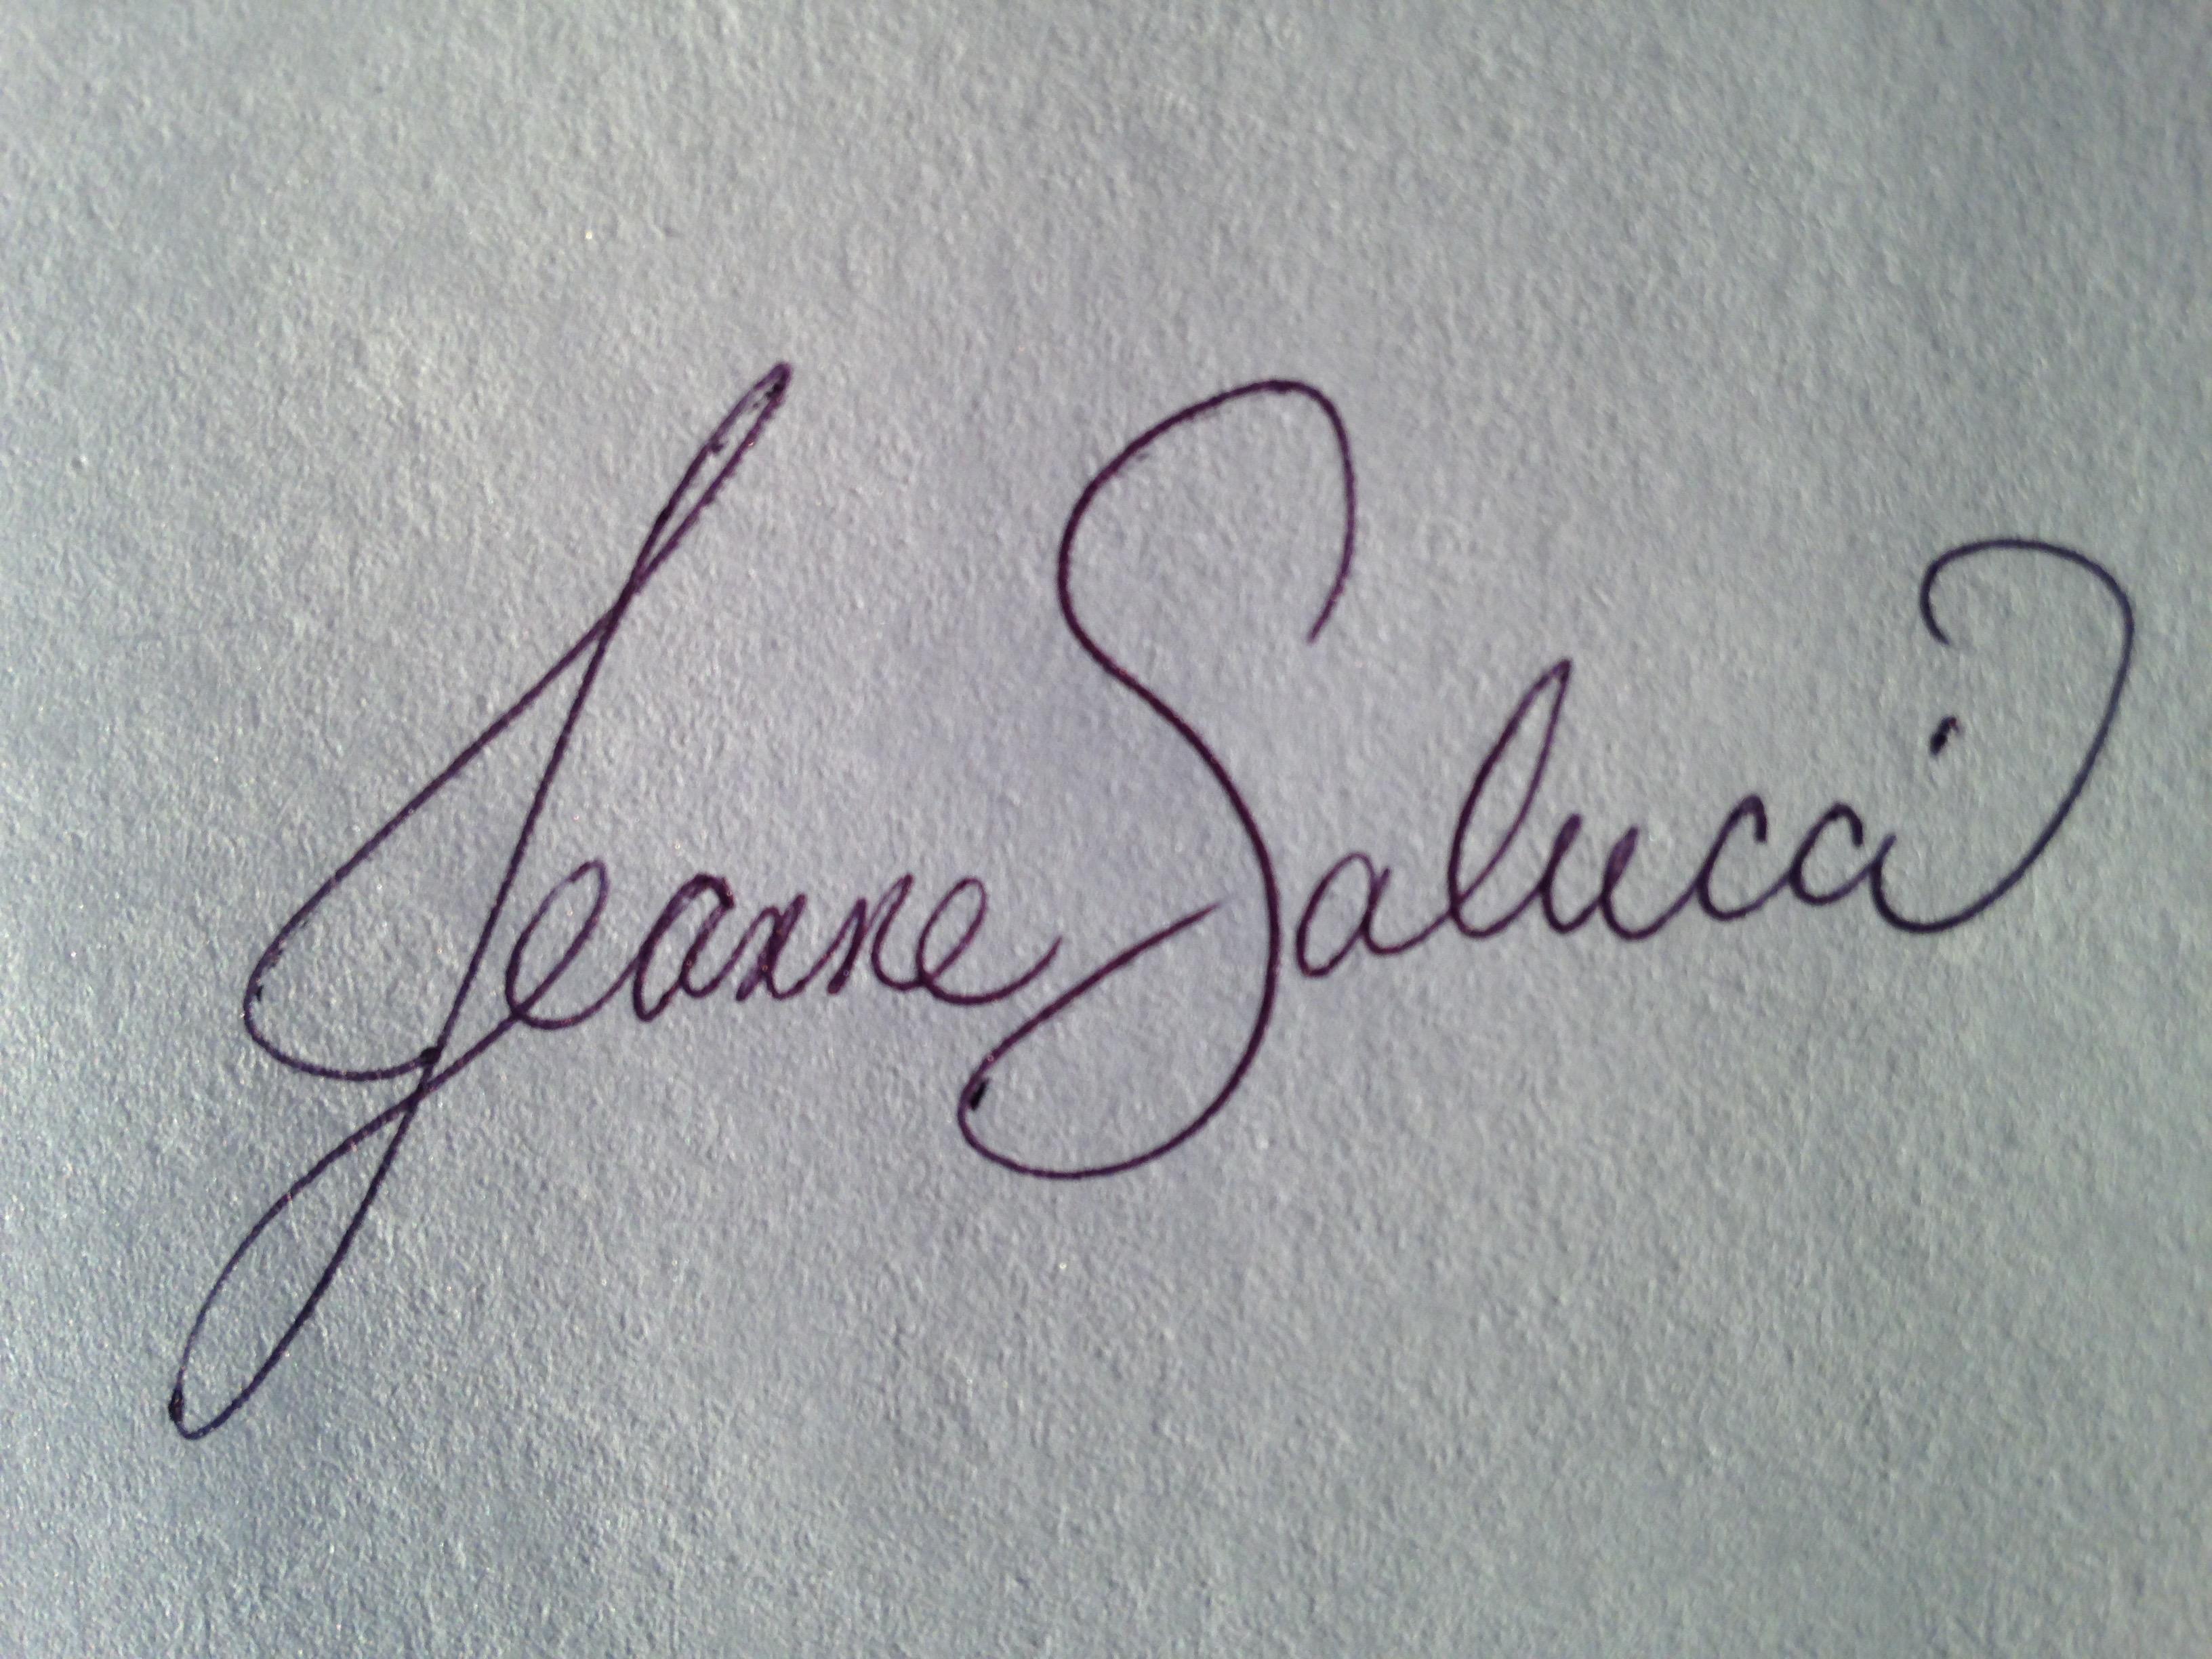 Jeanne Salucci's Signature